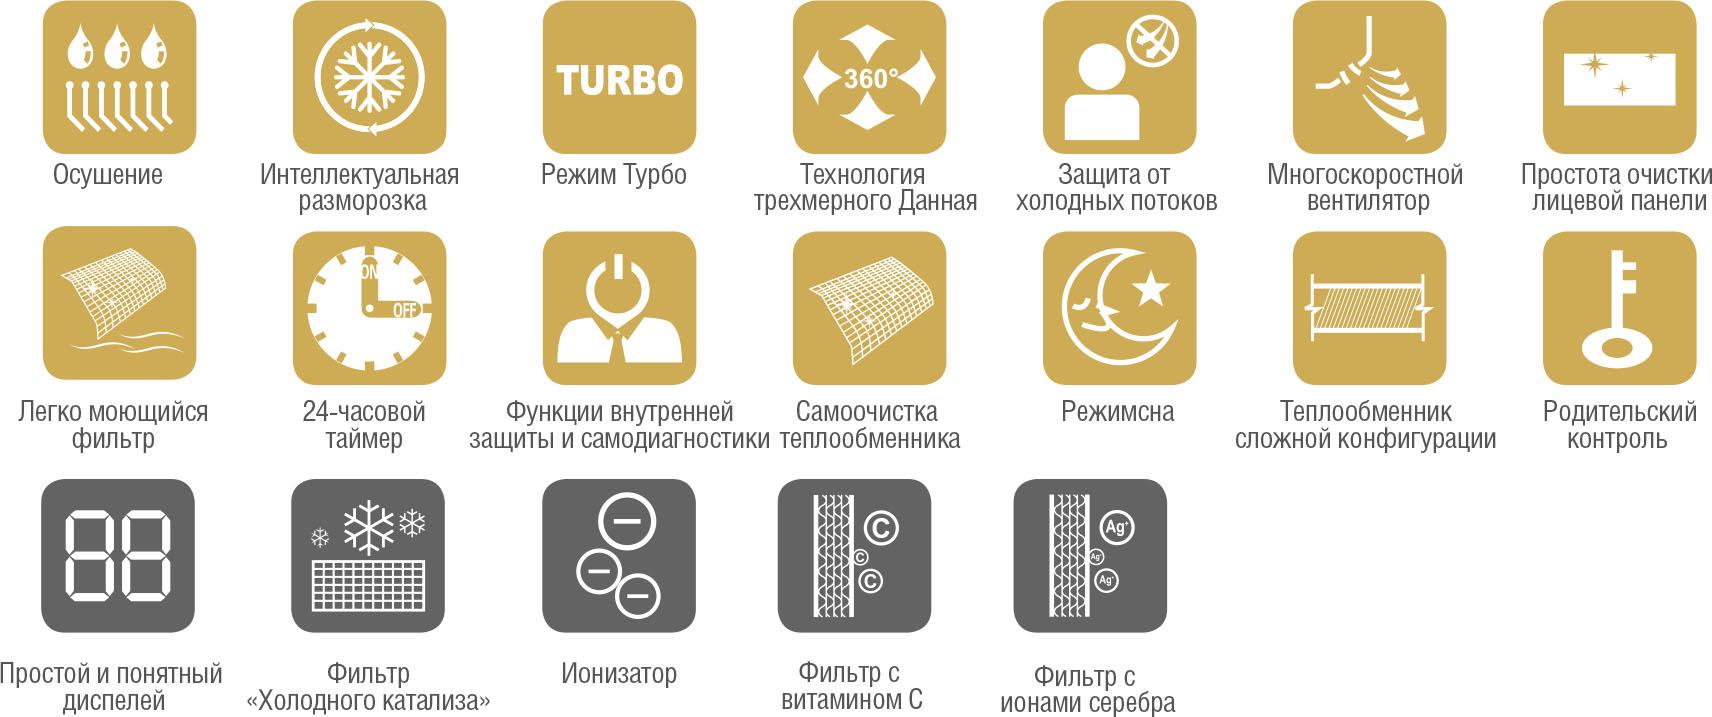 Функции и основные особенности кондиционера ChigoCS-25V3A-V156 серии Lotus 156 Inverter